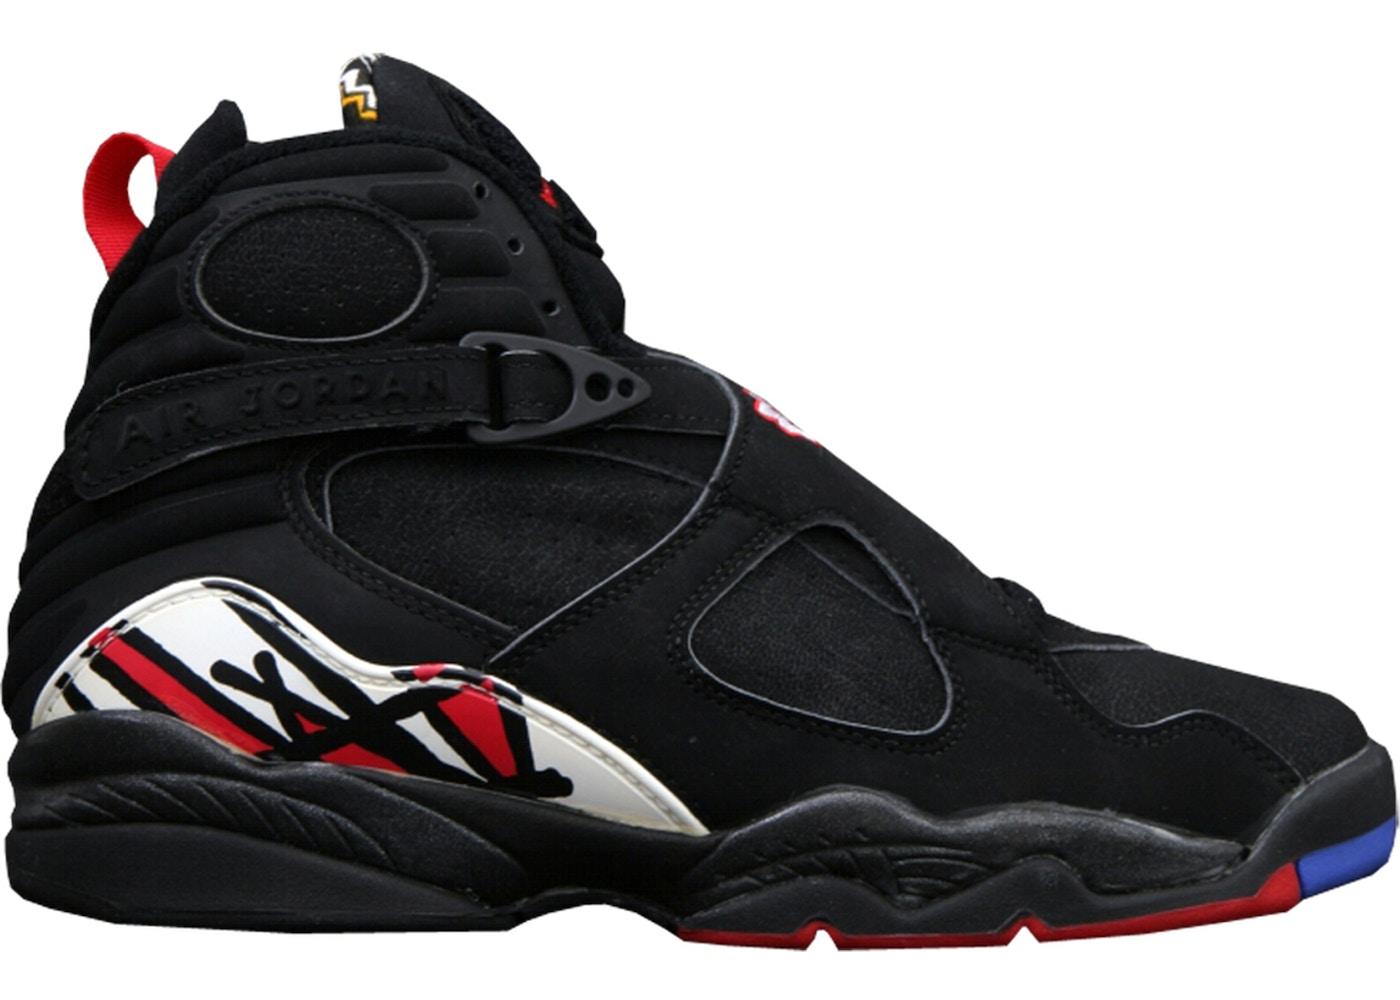 402ca29c45ed Jordan 8 OG Playoffs (1993) - 130169-060